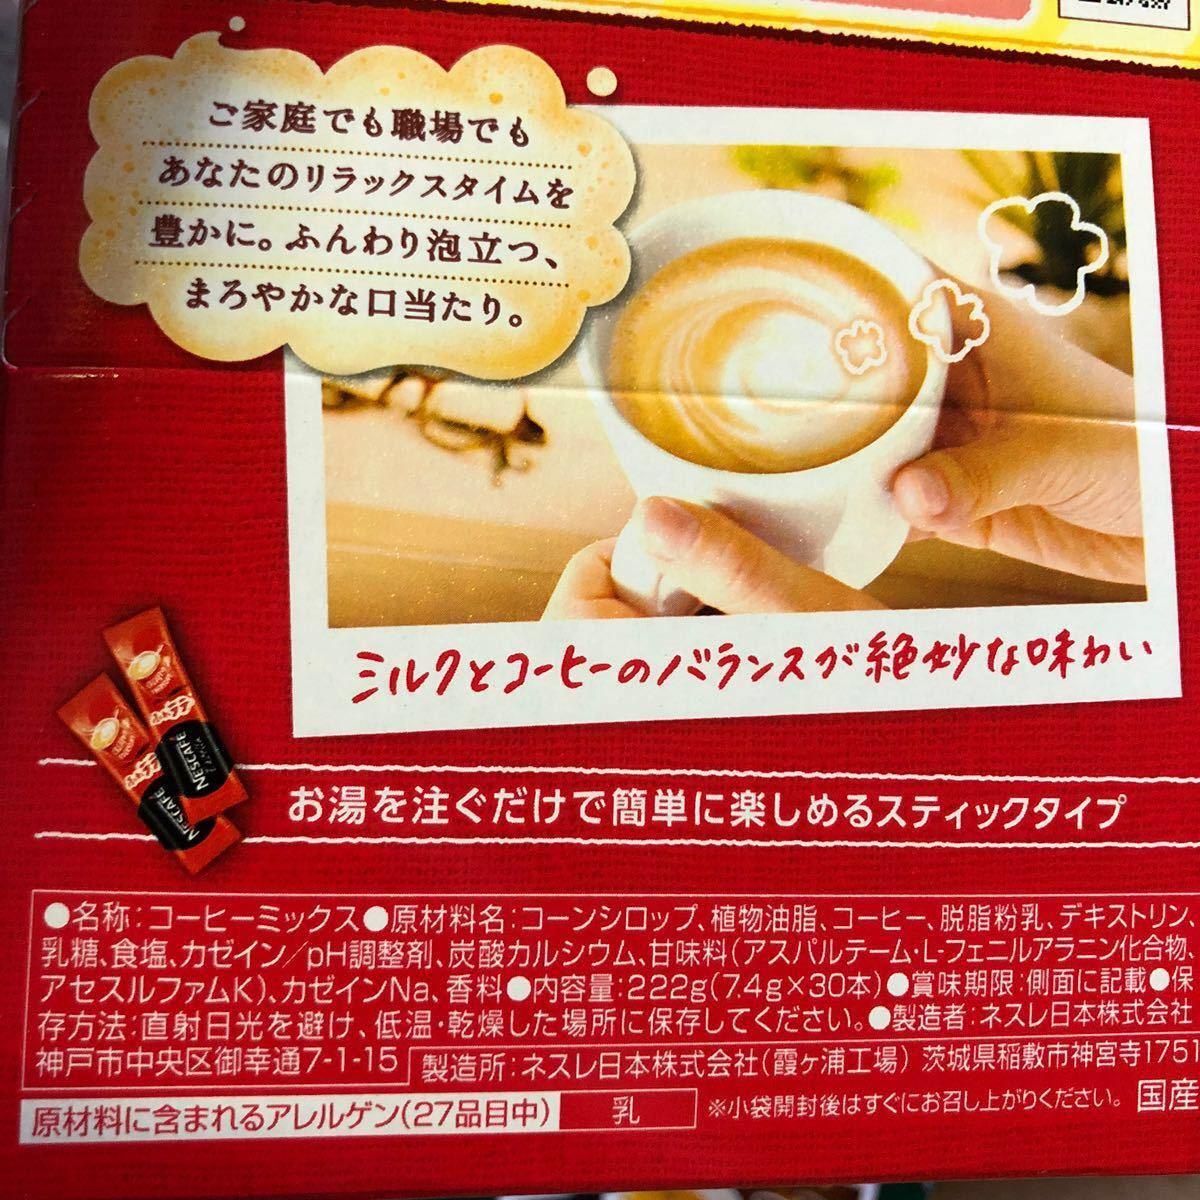 ネスカフェふわラテ3種類&ミルクティー&ミックスコーヒー60本セット